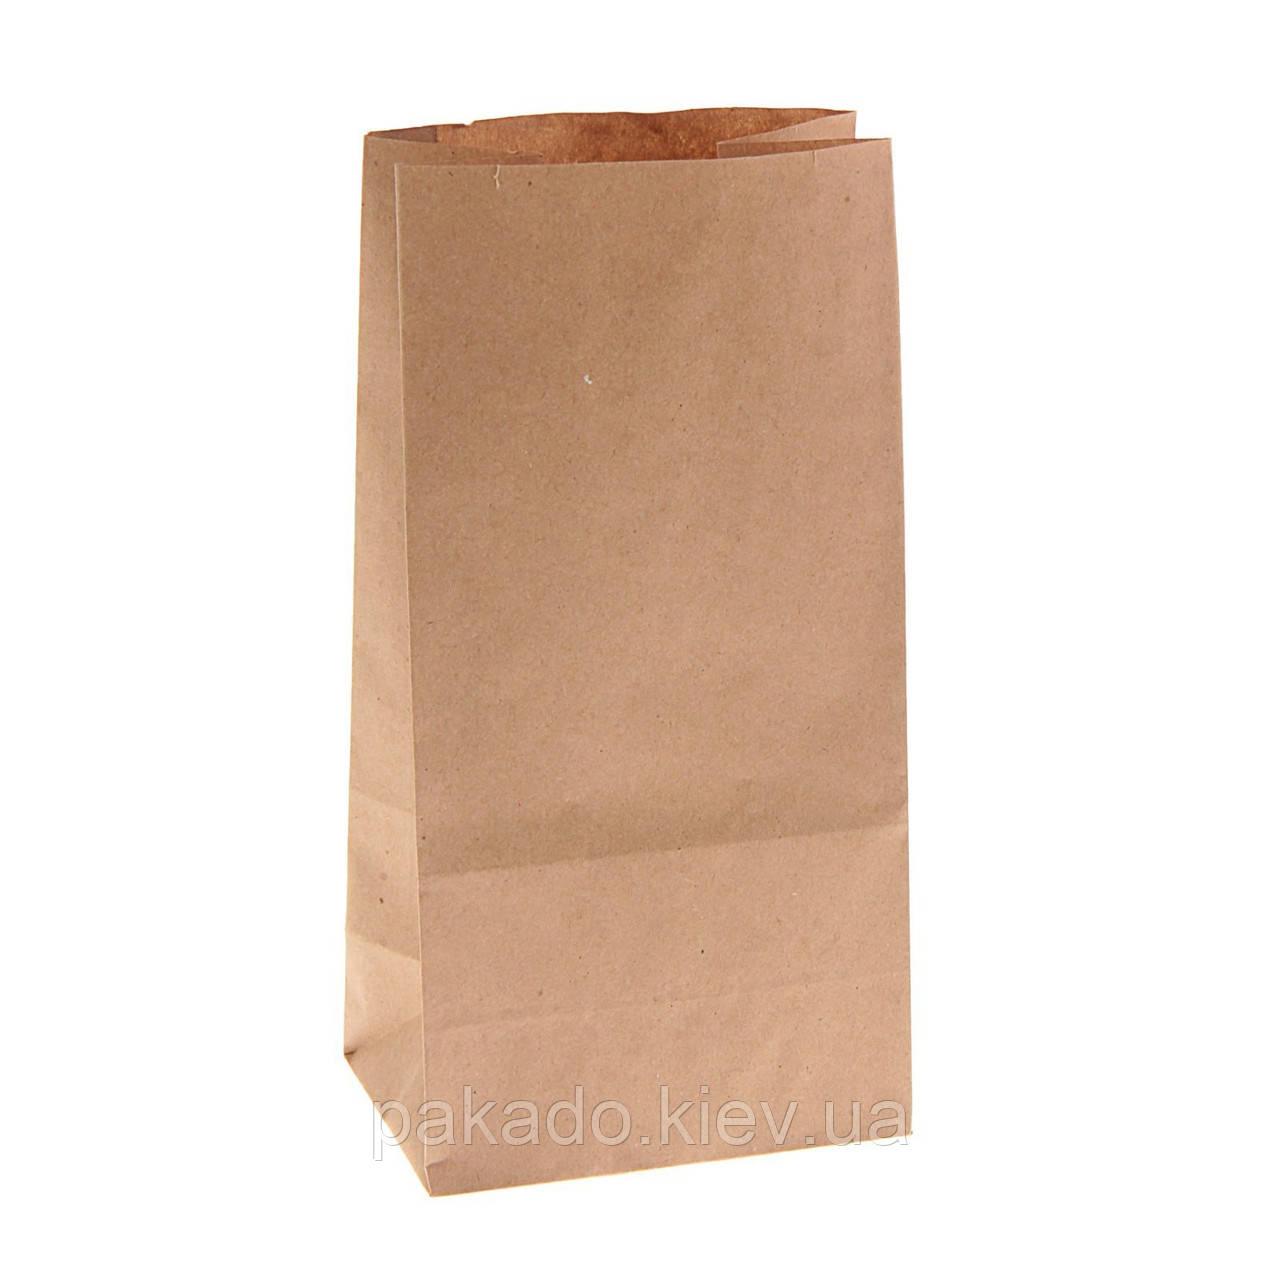 Бумажный пакет на вынос 90х60х200 Бурый